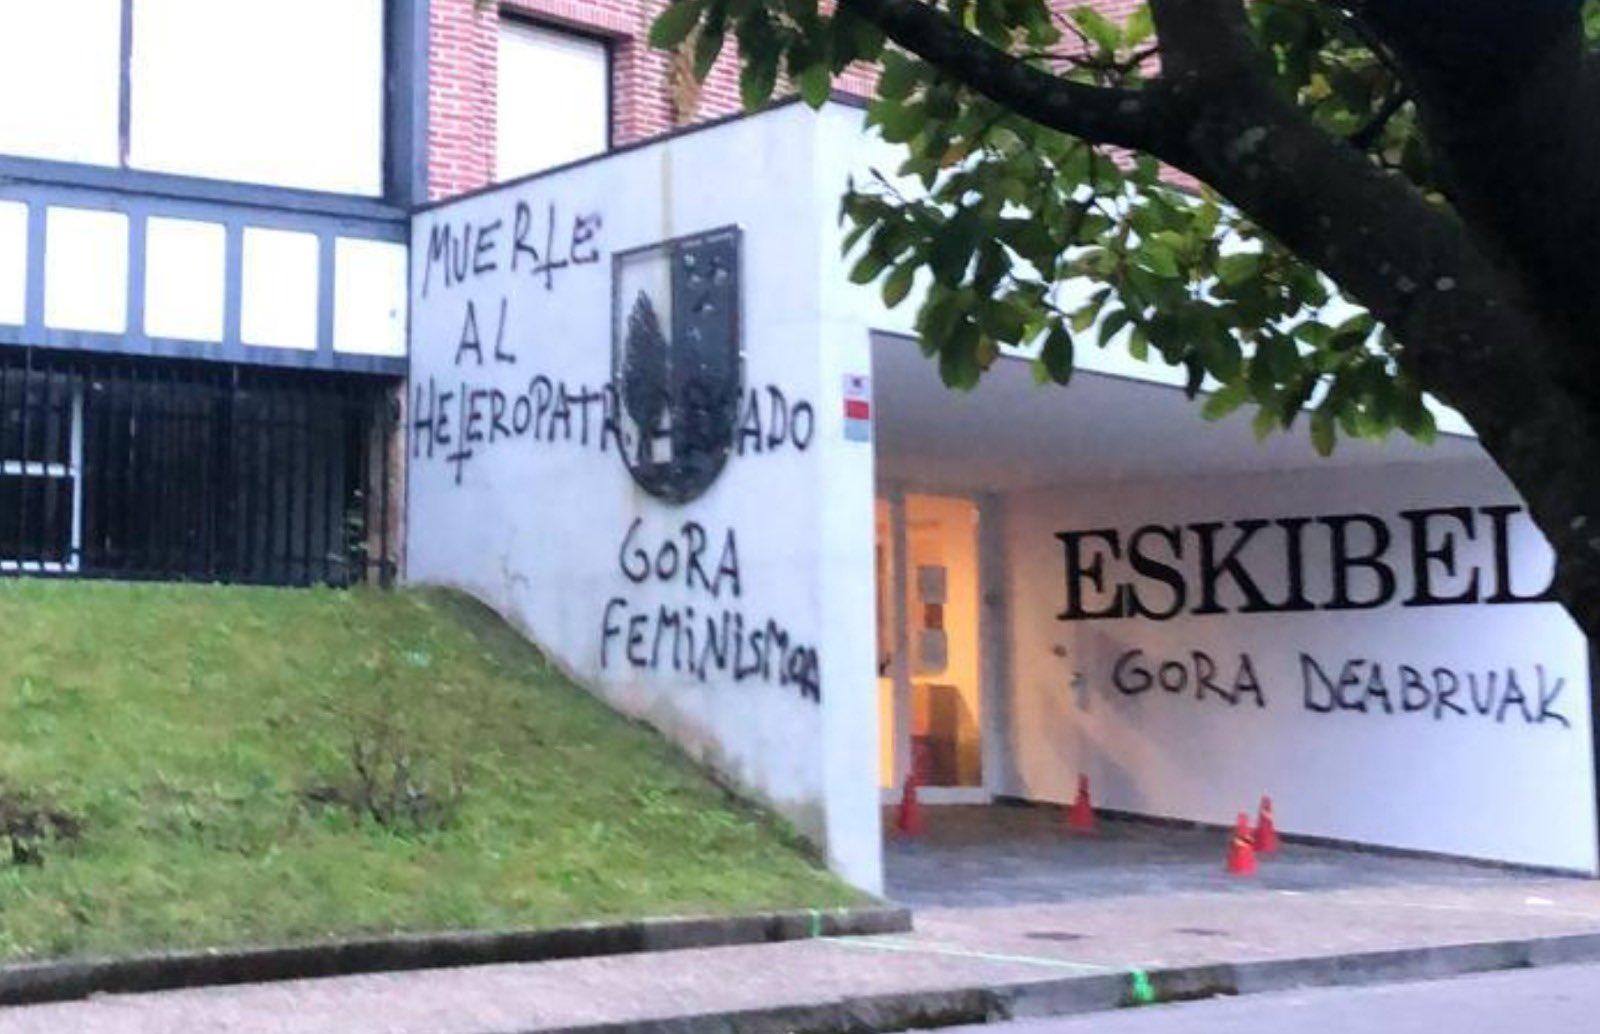 Imagen del centro educativo Eskibel. Foto: Twitter de Eneko Goia